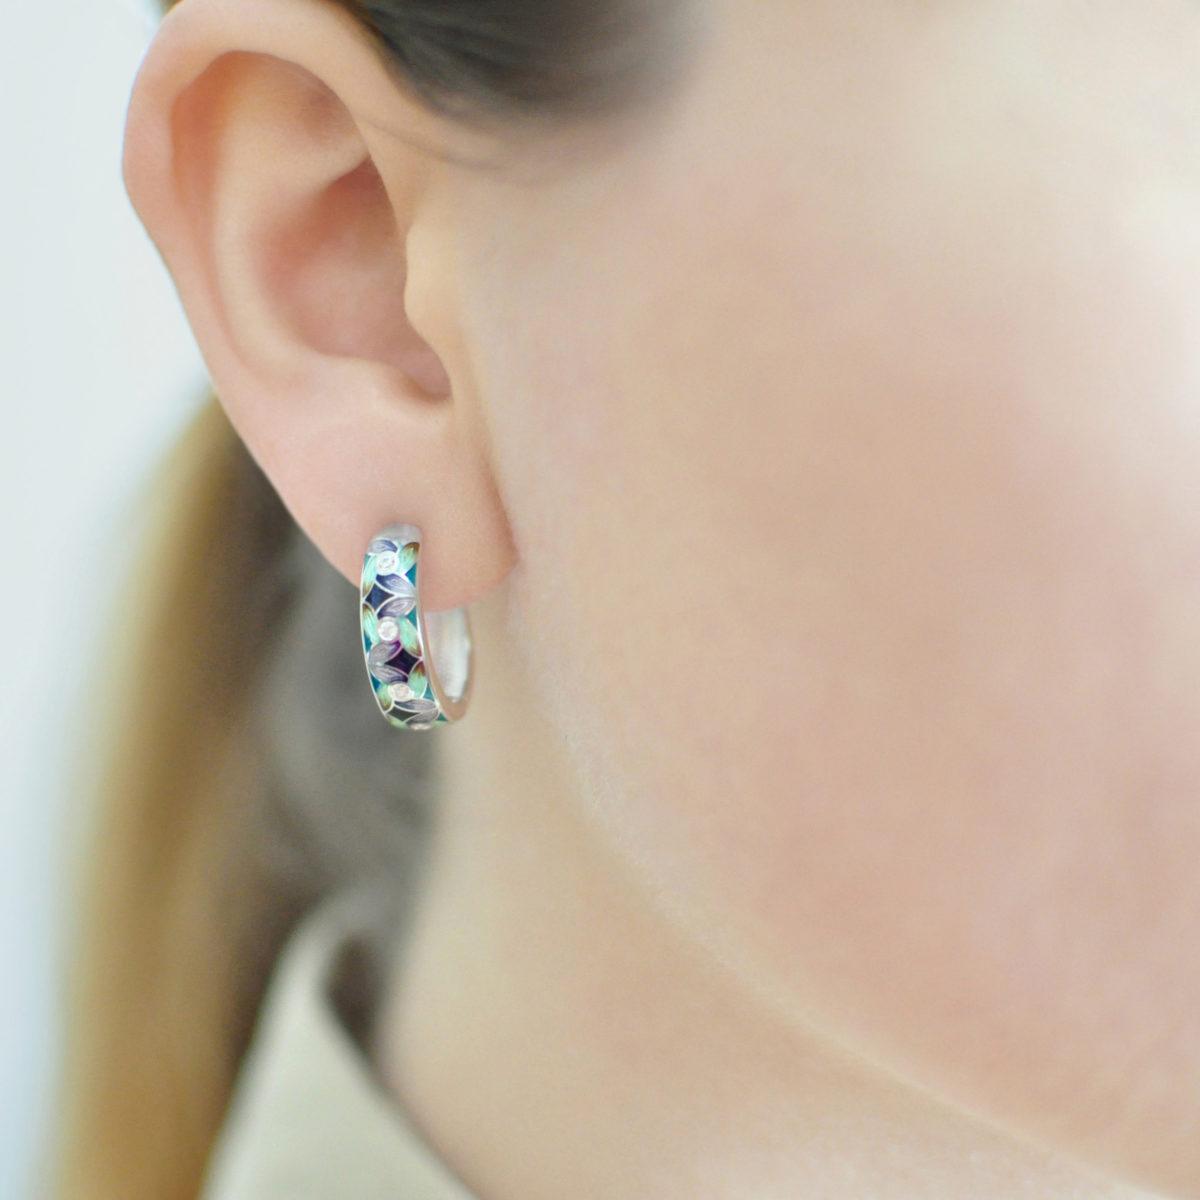 serebro fioletovo zelenaya 1200x1200 - Серьги-полукольца из серебра «Ветерок», фиолетово-зеленые